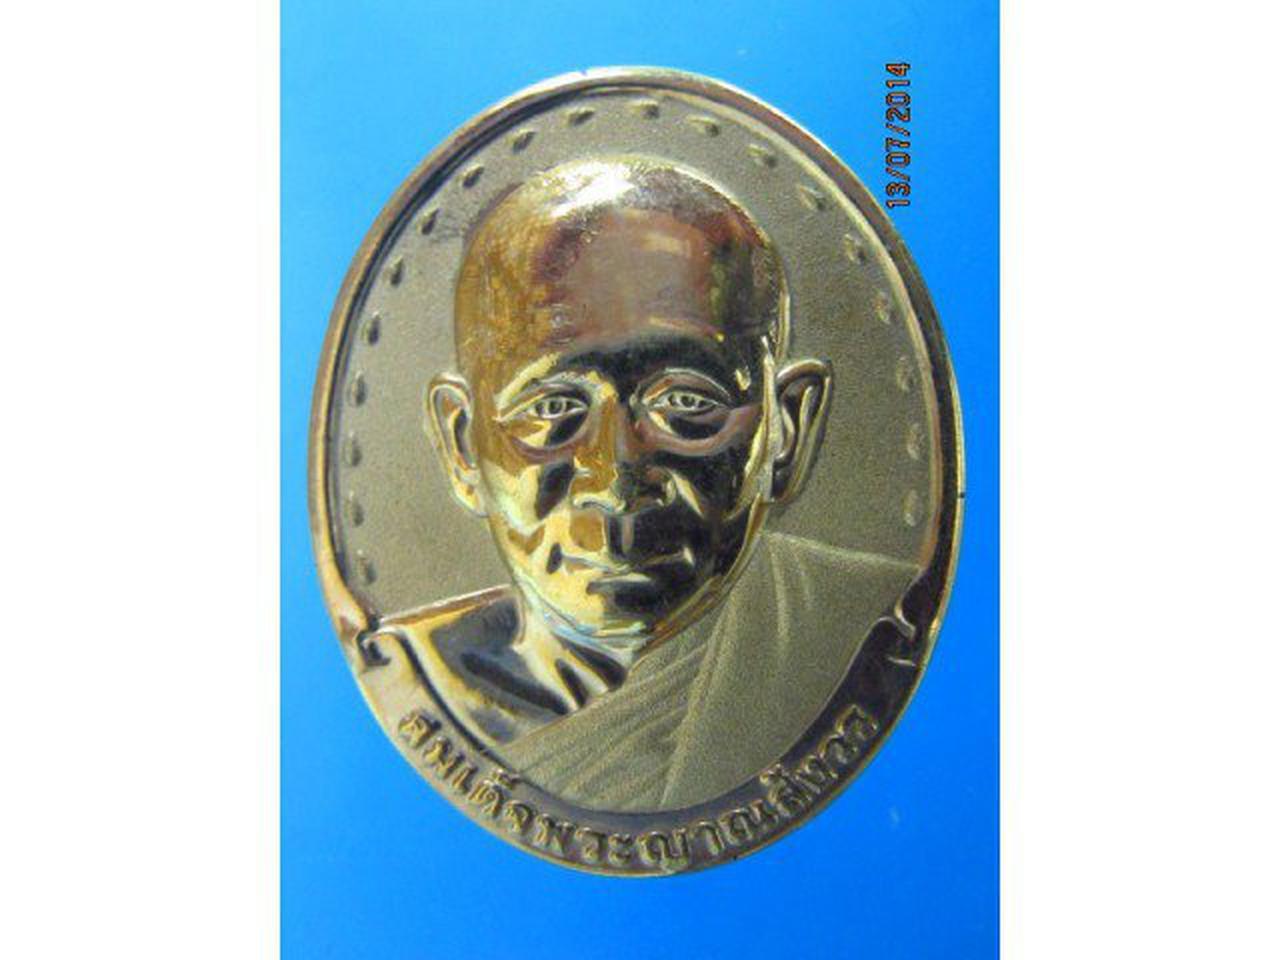 - เหรียญสมเด็จพระสังฆราช วัดบวรฯ เนื้อพ่นหรายกะไหล่ทอง ปี 25 รูปที่ 2